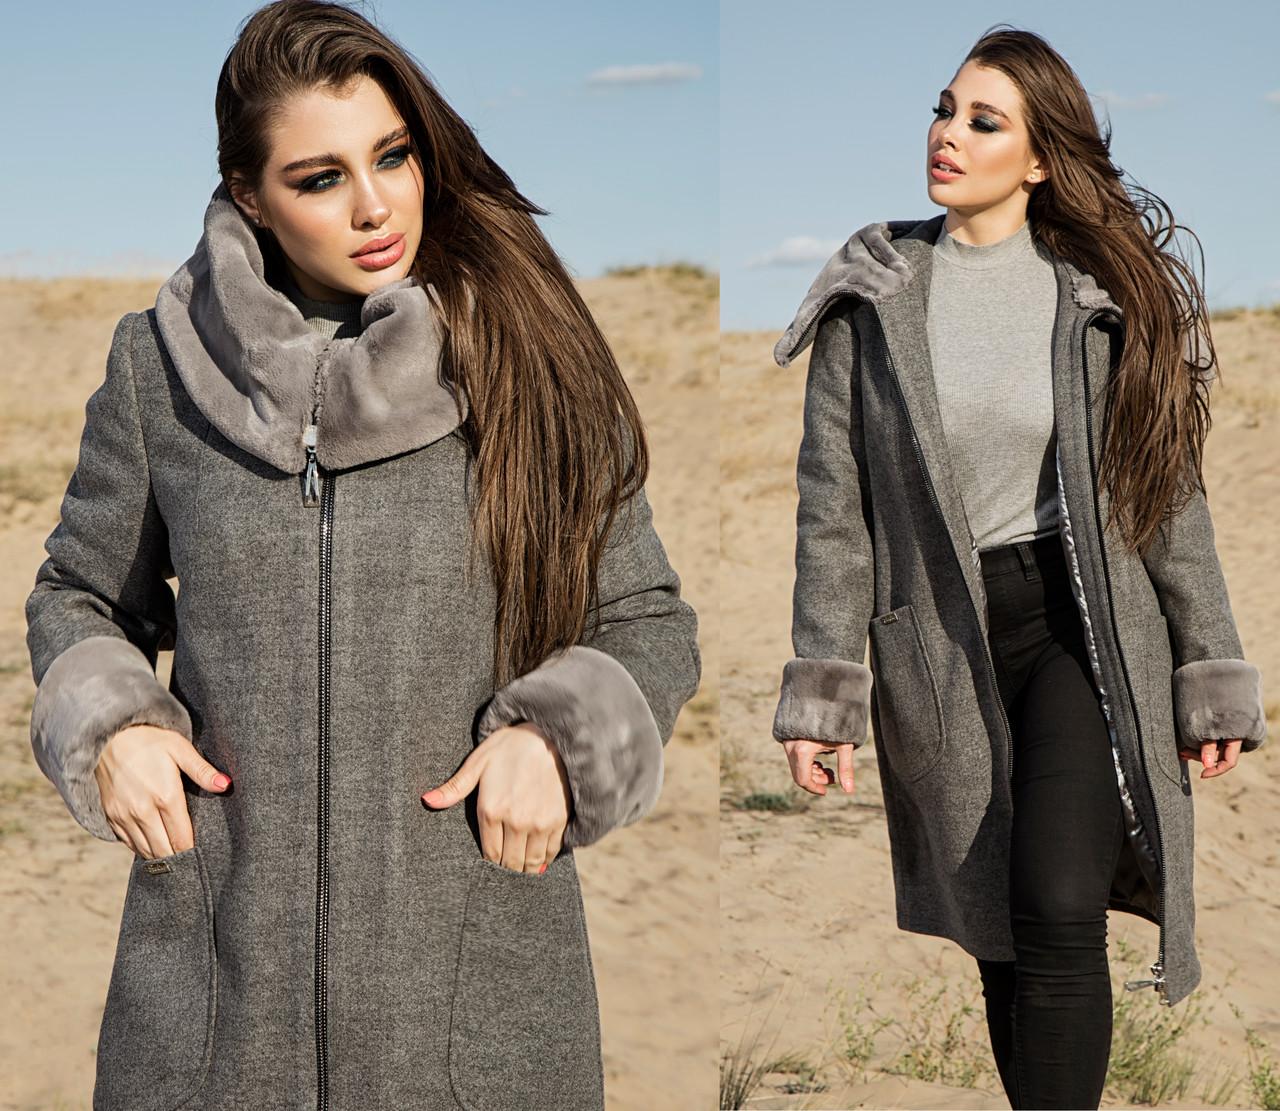 e60a64aed32a Пальто больших размеров (батал) кашемировое женское осеннее демисезонное 48